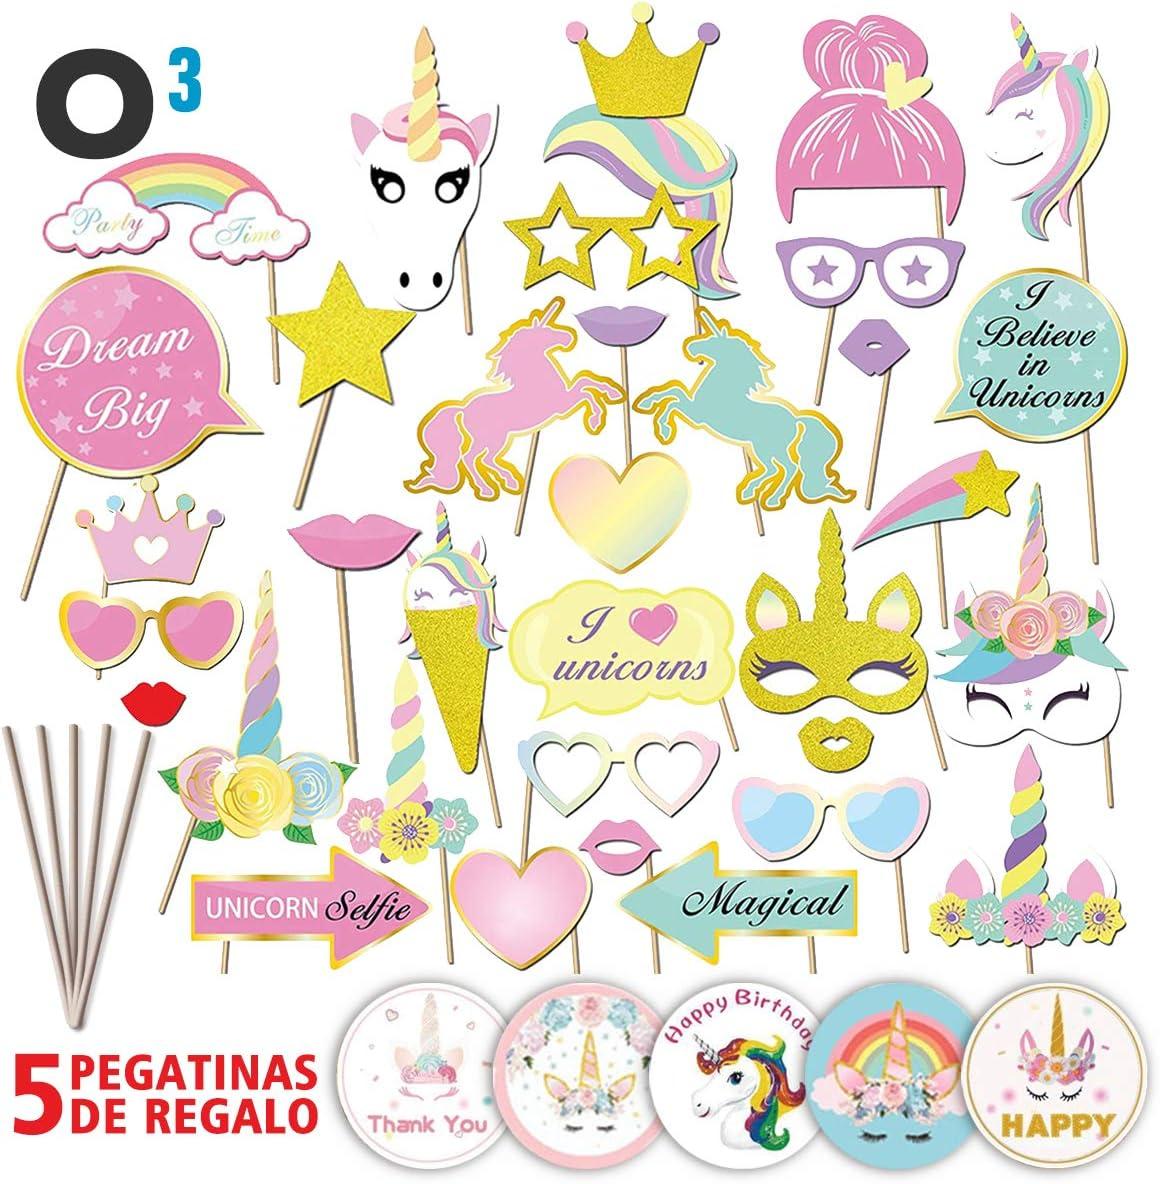 O³ Photocall Cumpleaños 35 Piezas con 5 Pegatinas   Photocall Unicornio - Fotocall DIY Máscaras   Photocall Comunion Regalo Divertido para Niños   Cumpleaños Infantiles Decoracion -Fotos Inolvidables